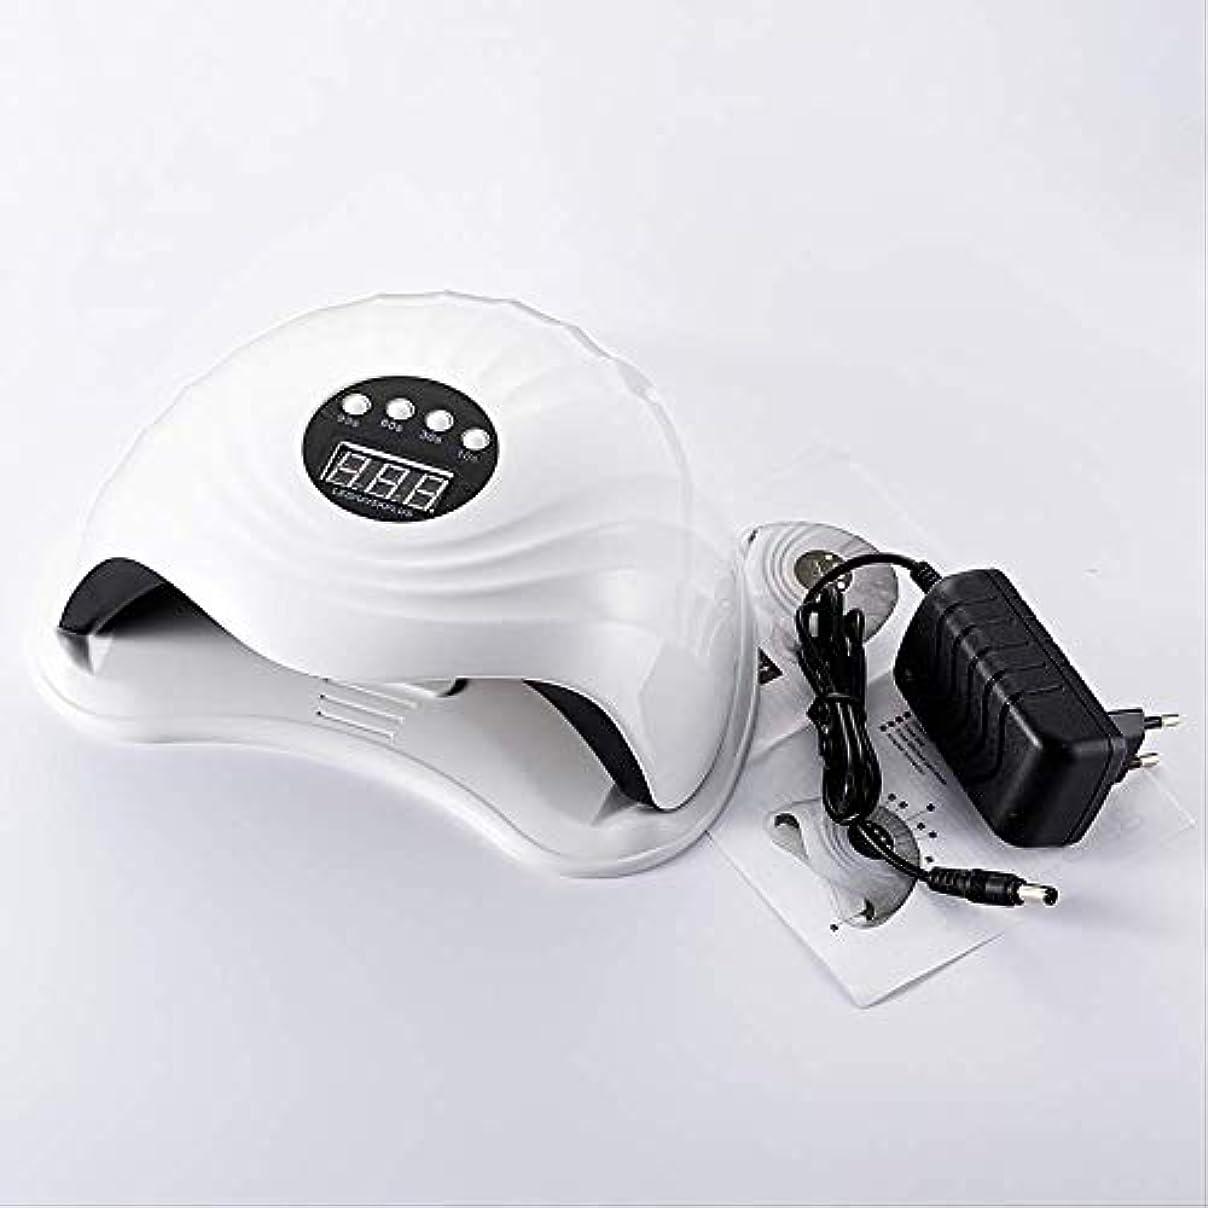 たとえ組トレースRRSHUN 108w 36pcs Ledネイルランプ用ネイルドライヤーUVランプネイルマシンツール用硬化ゲルポーランド語ライトセンサータイマー付き